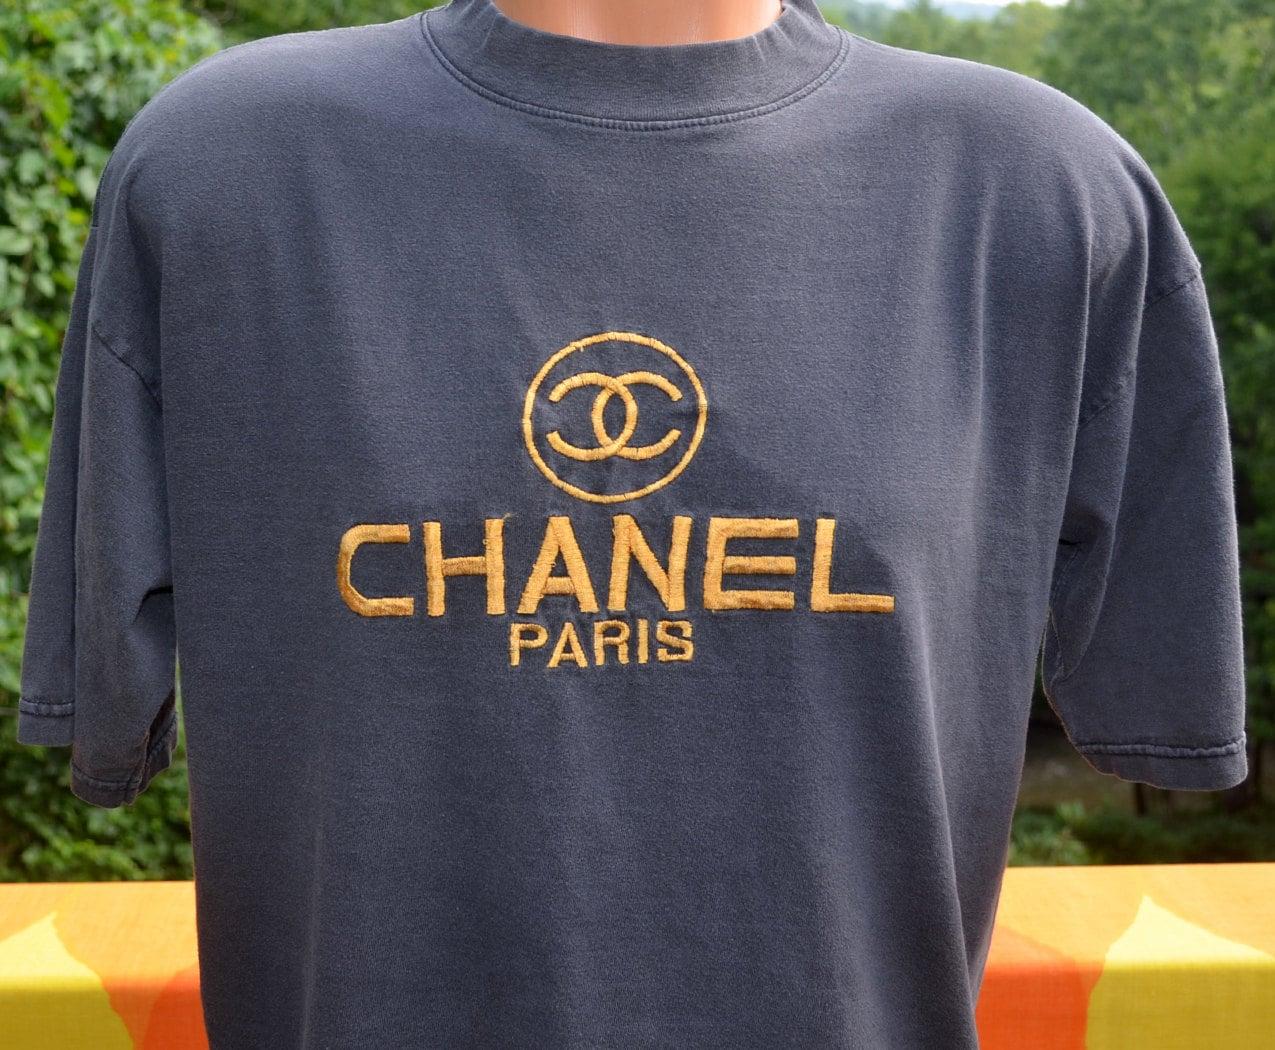 Vintage 80s T Shirt Chanel Paris Designer Authentic Black